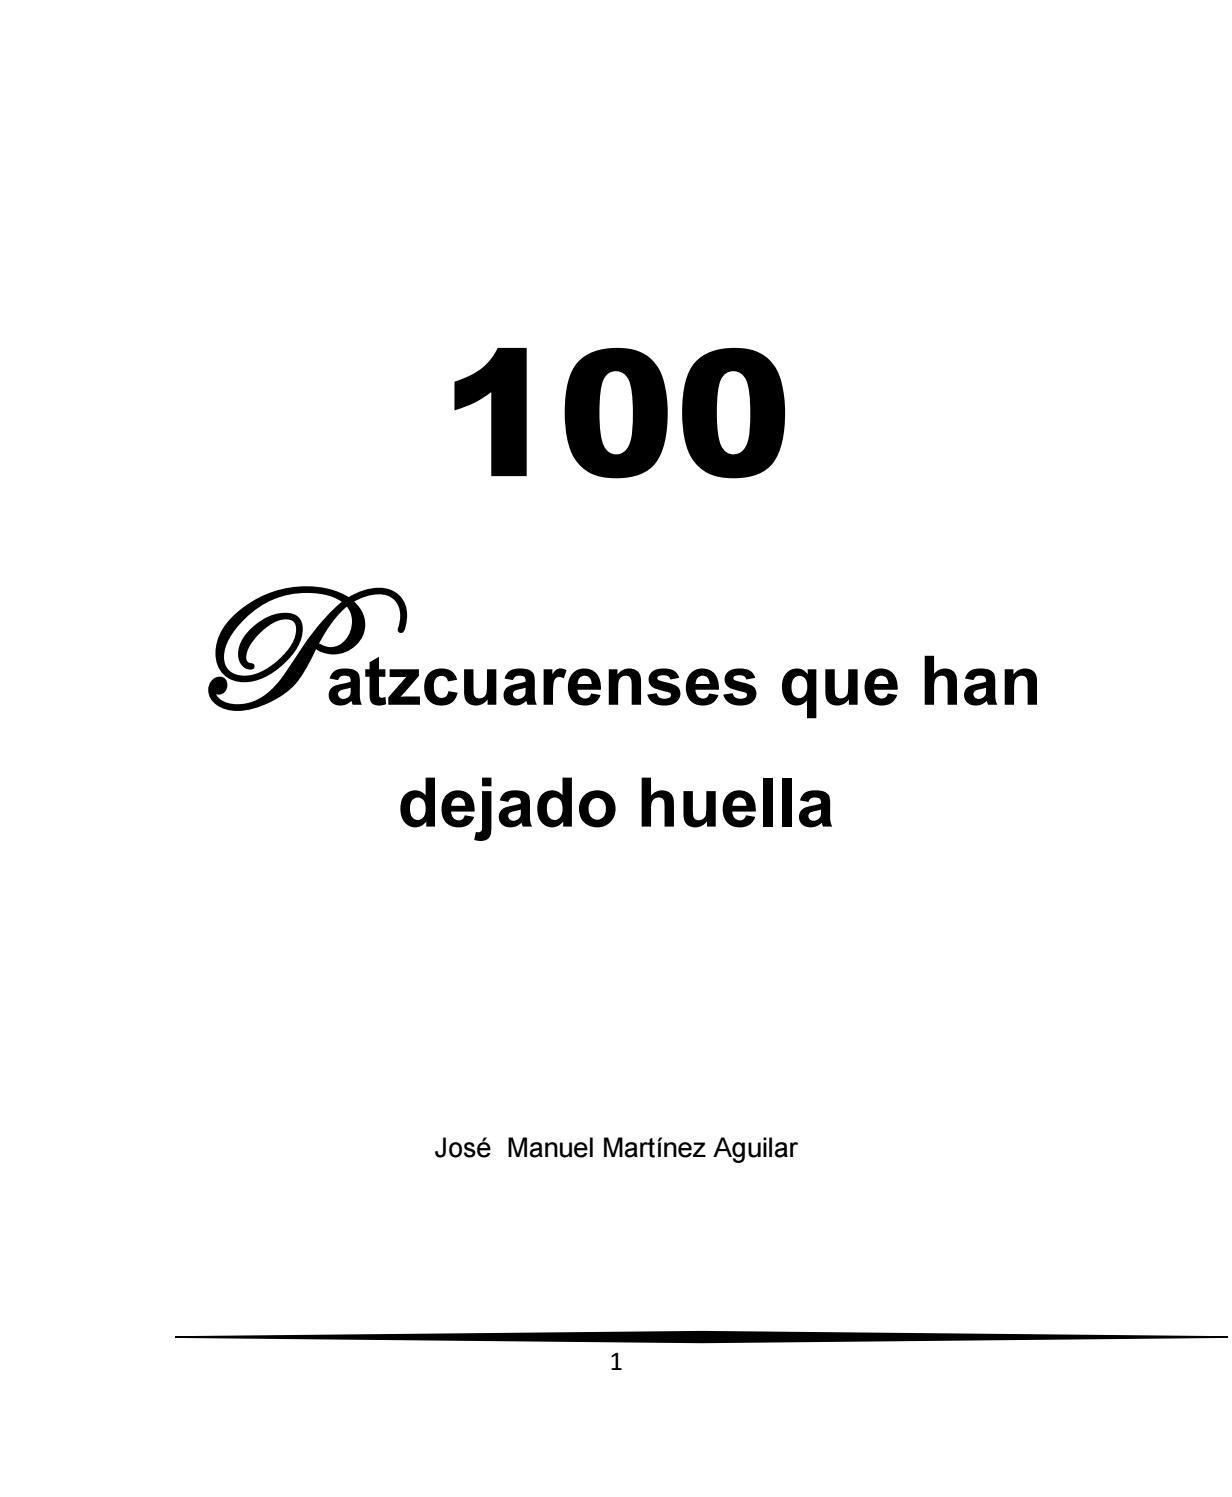 100 PATZCUARENSES QUE HAN DEJADO HUELLA by José Manuel